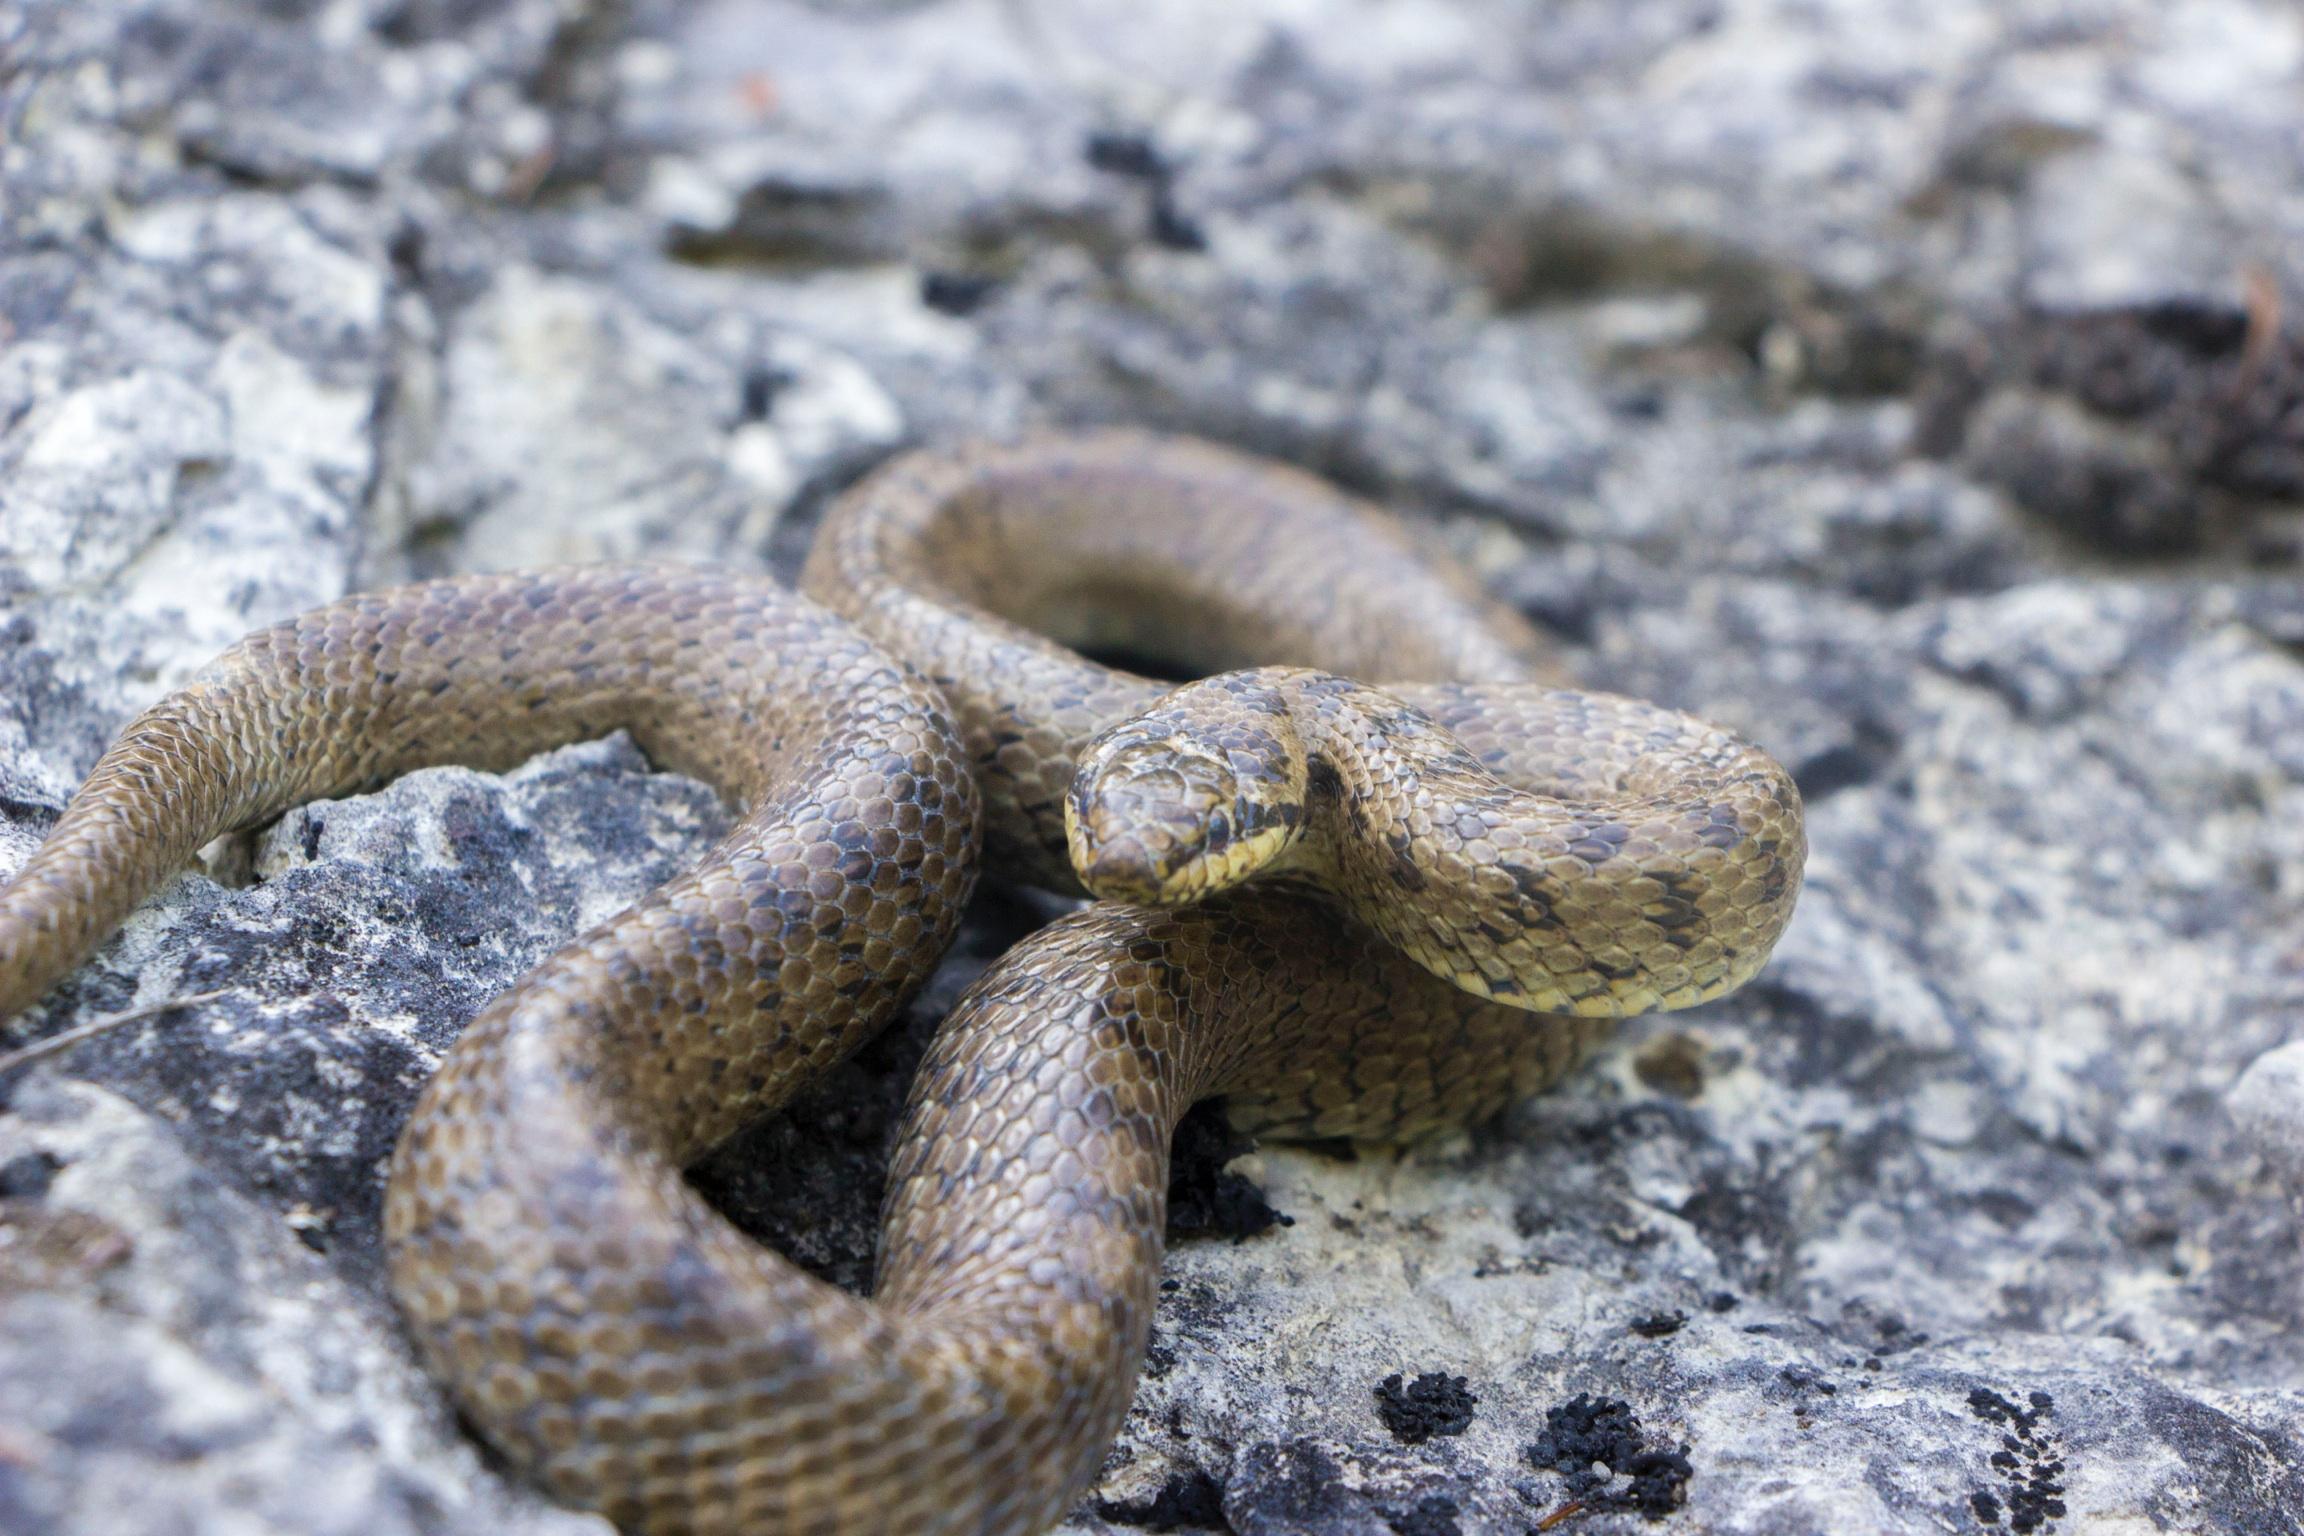 I Serpenti del Teramano: riconoscimento e distribuzione delle diverse specie presenti